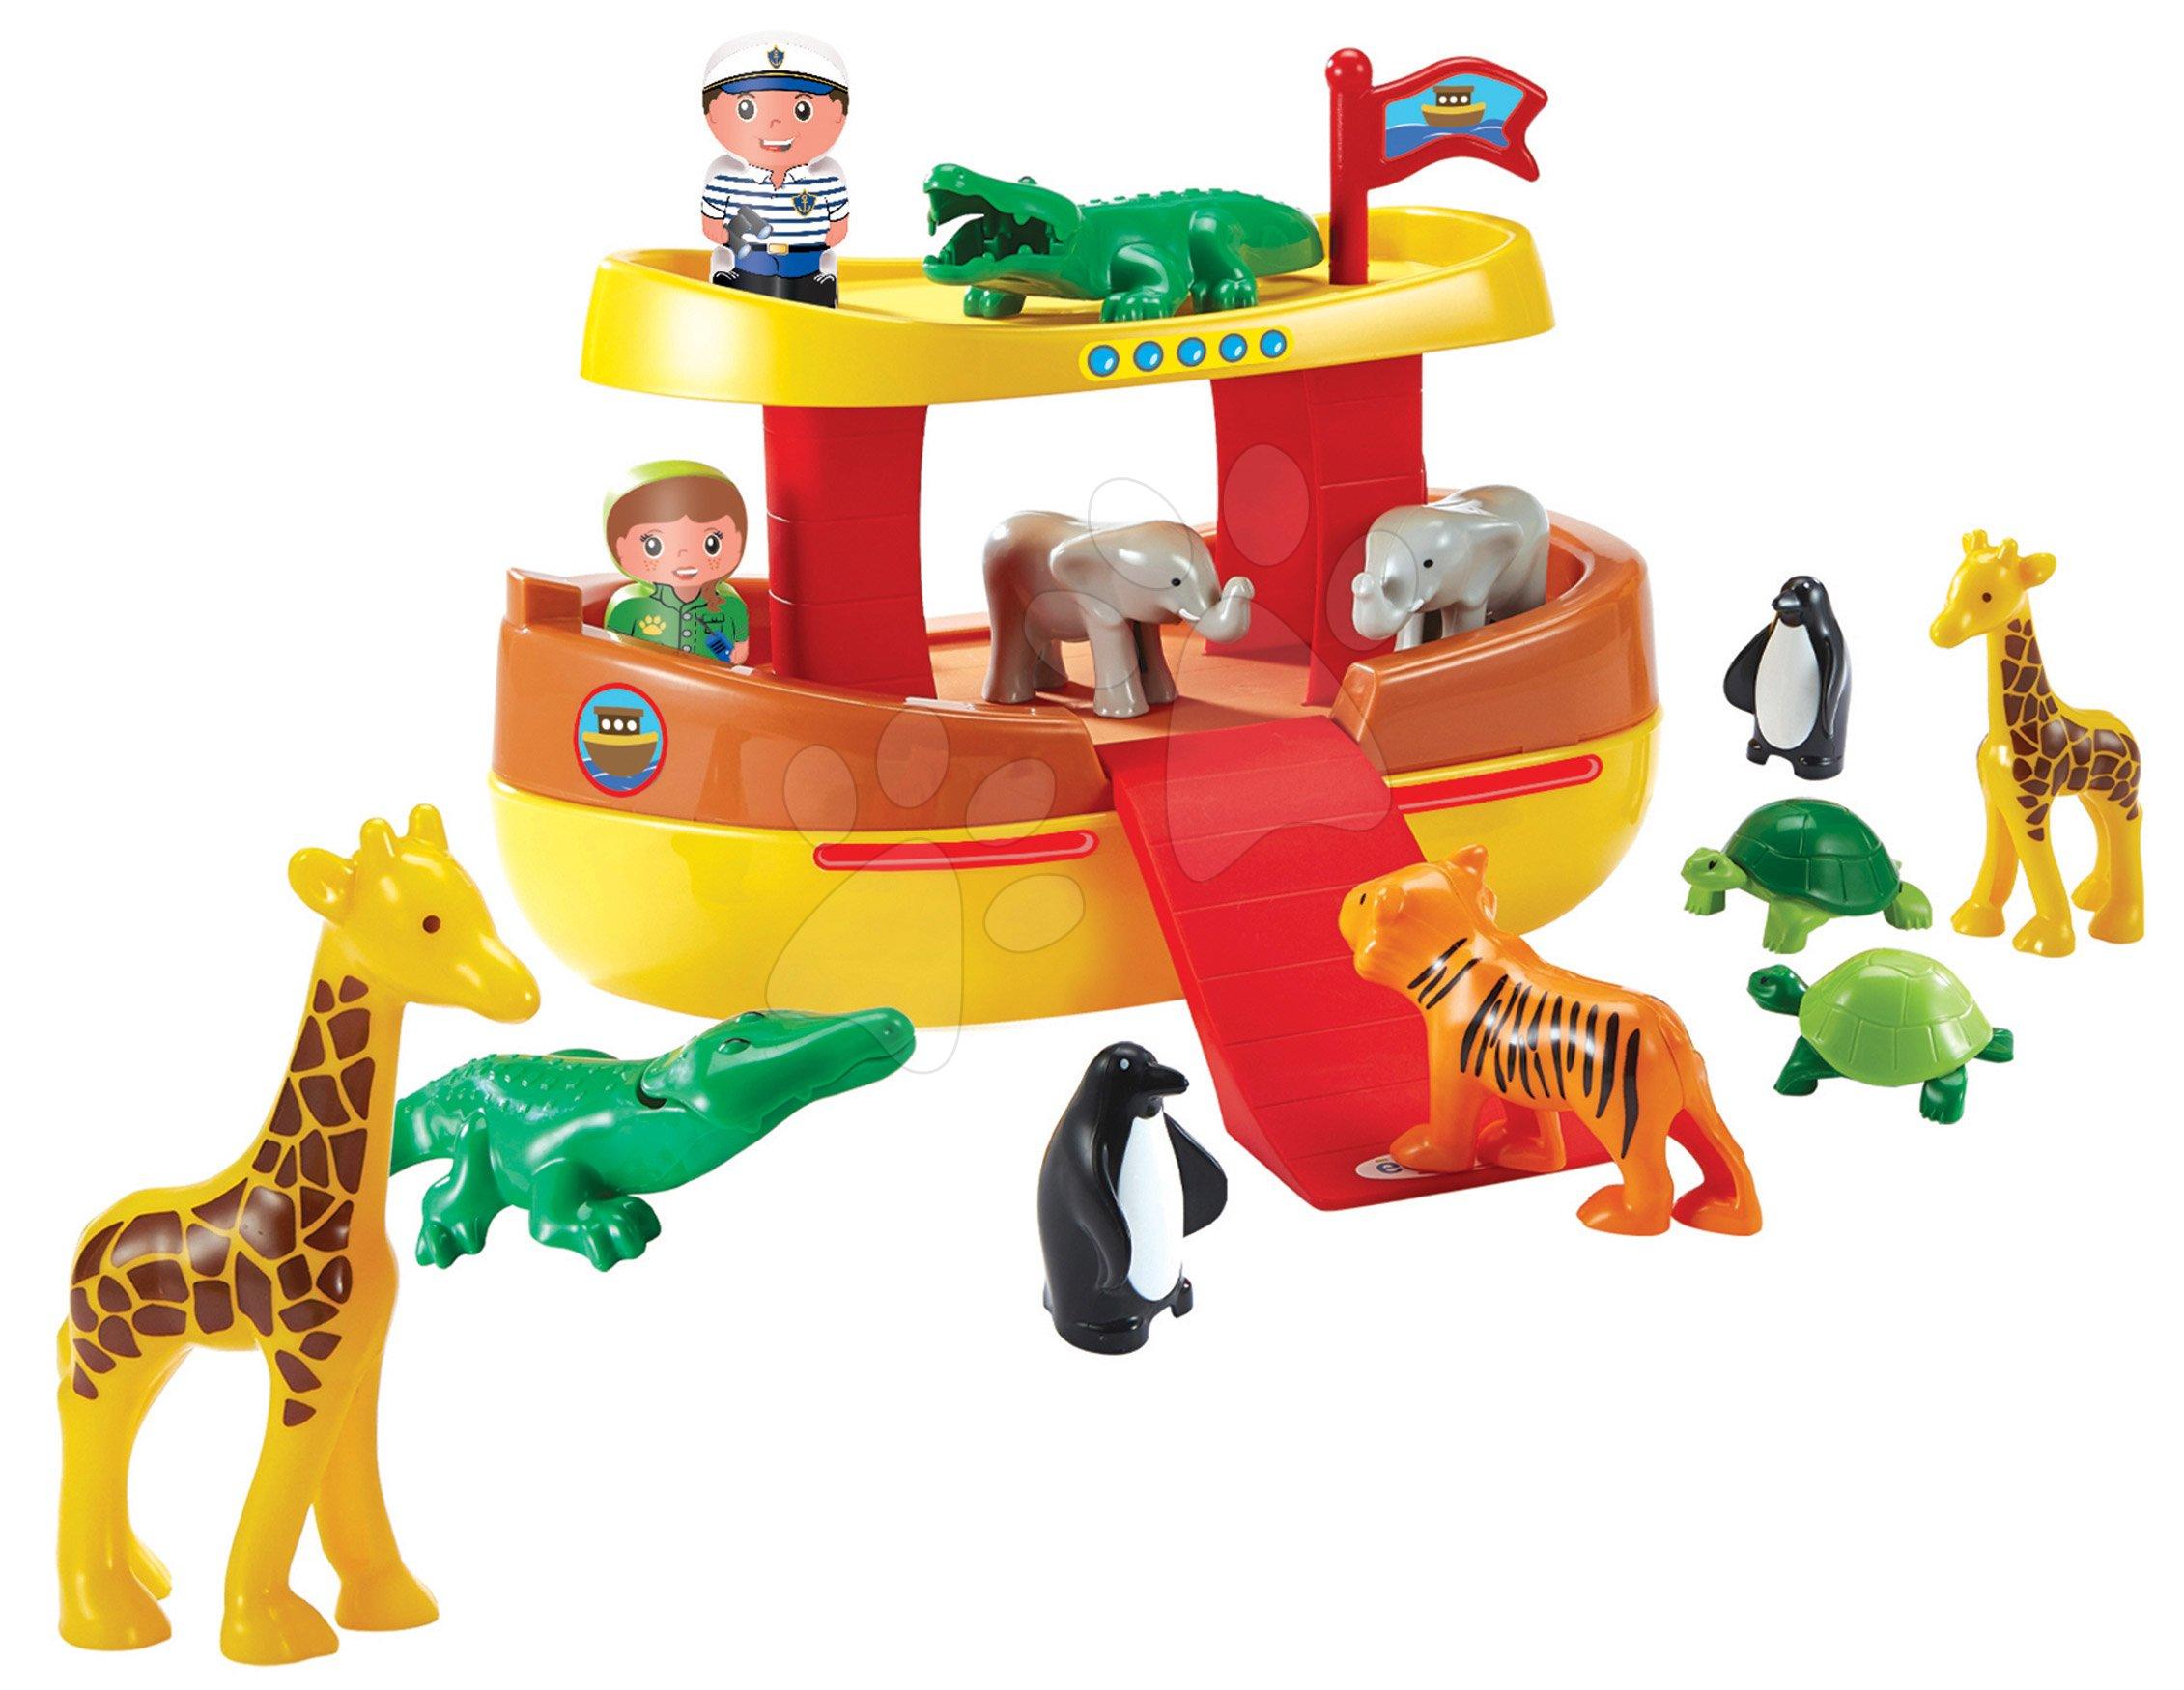 Abrick építőkockák - Építőjáték Abrick Noé bárkája Écoiffier 12 állatkával és 2 figurával 18 hó-tól